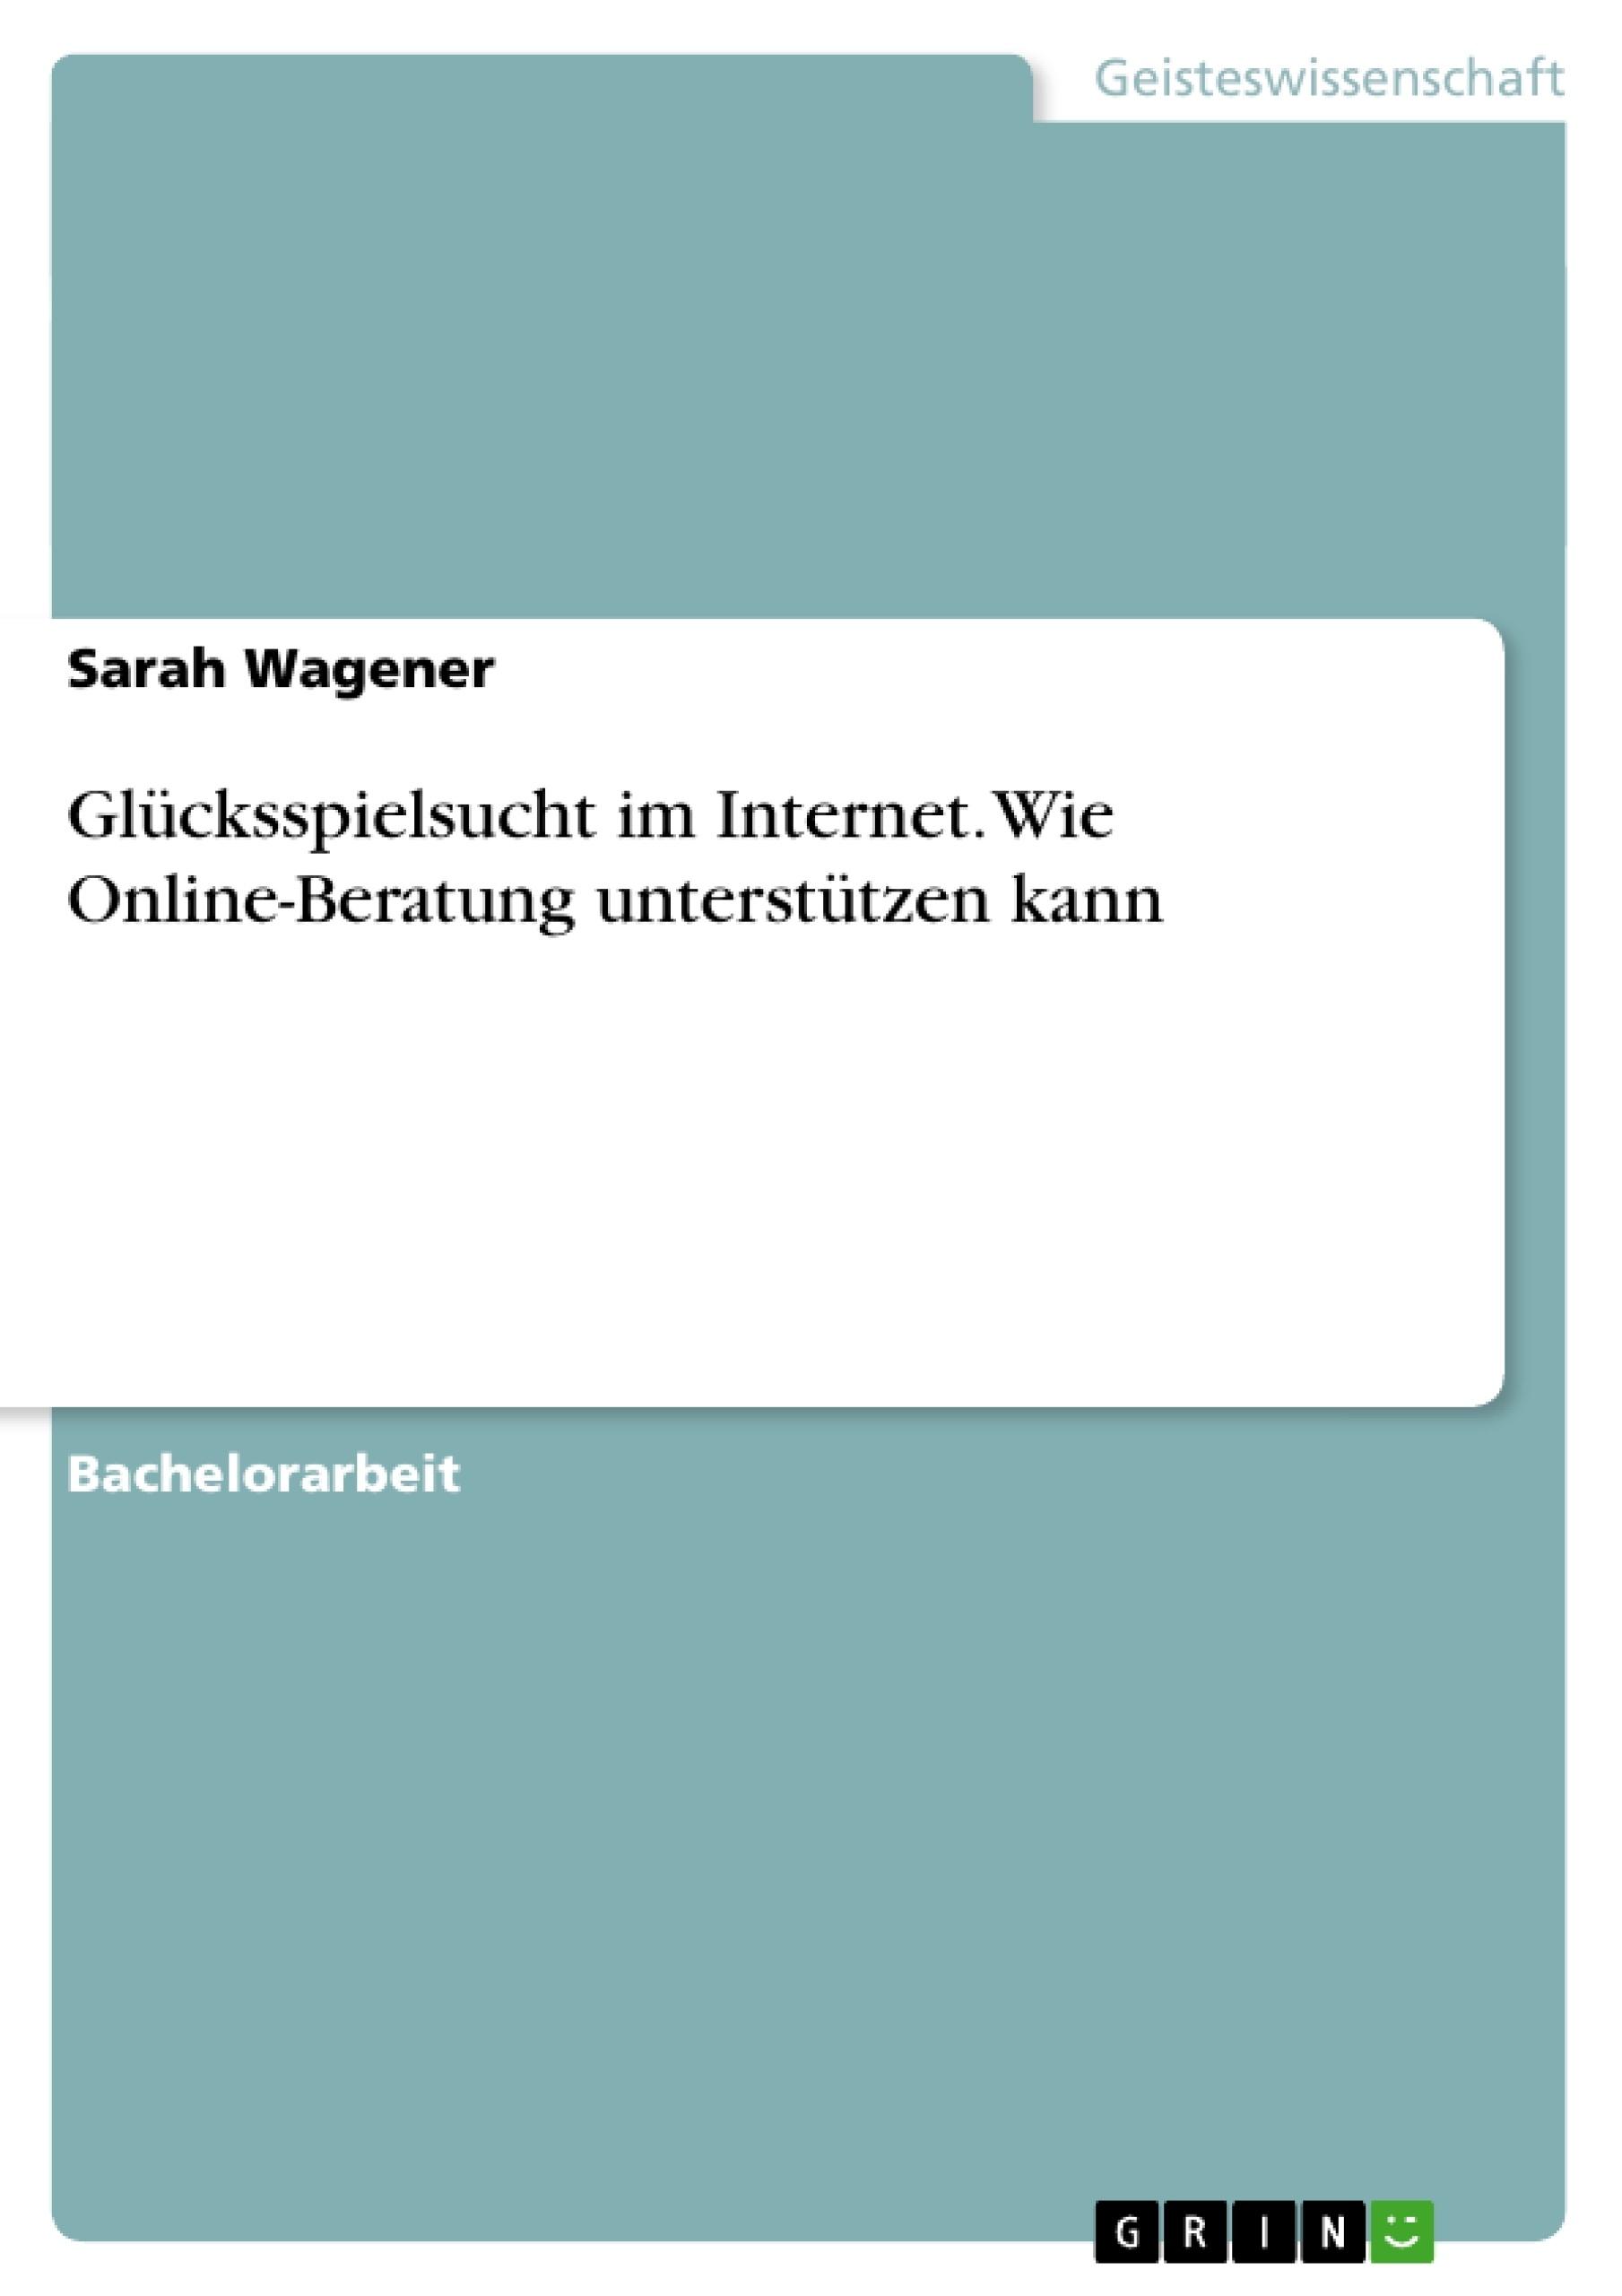 Titel: Glücksspielsucht im Internet. Wie Online-Beratung unterstützen kann